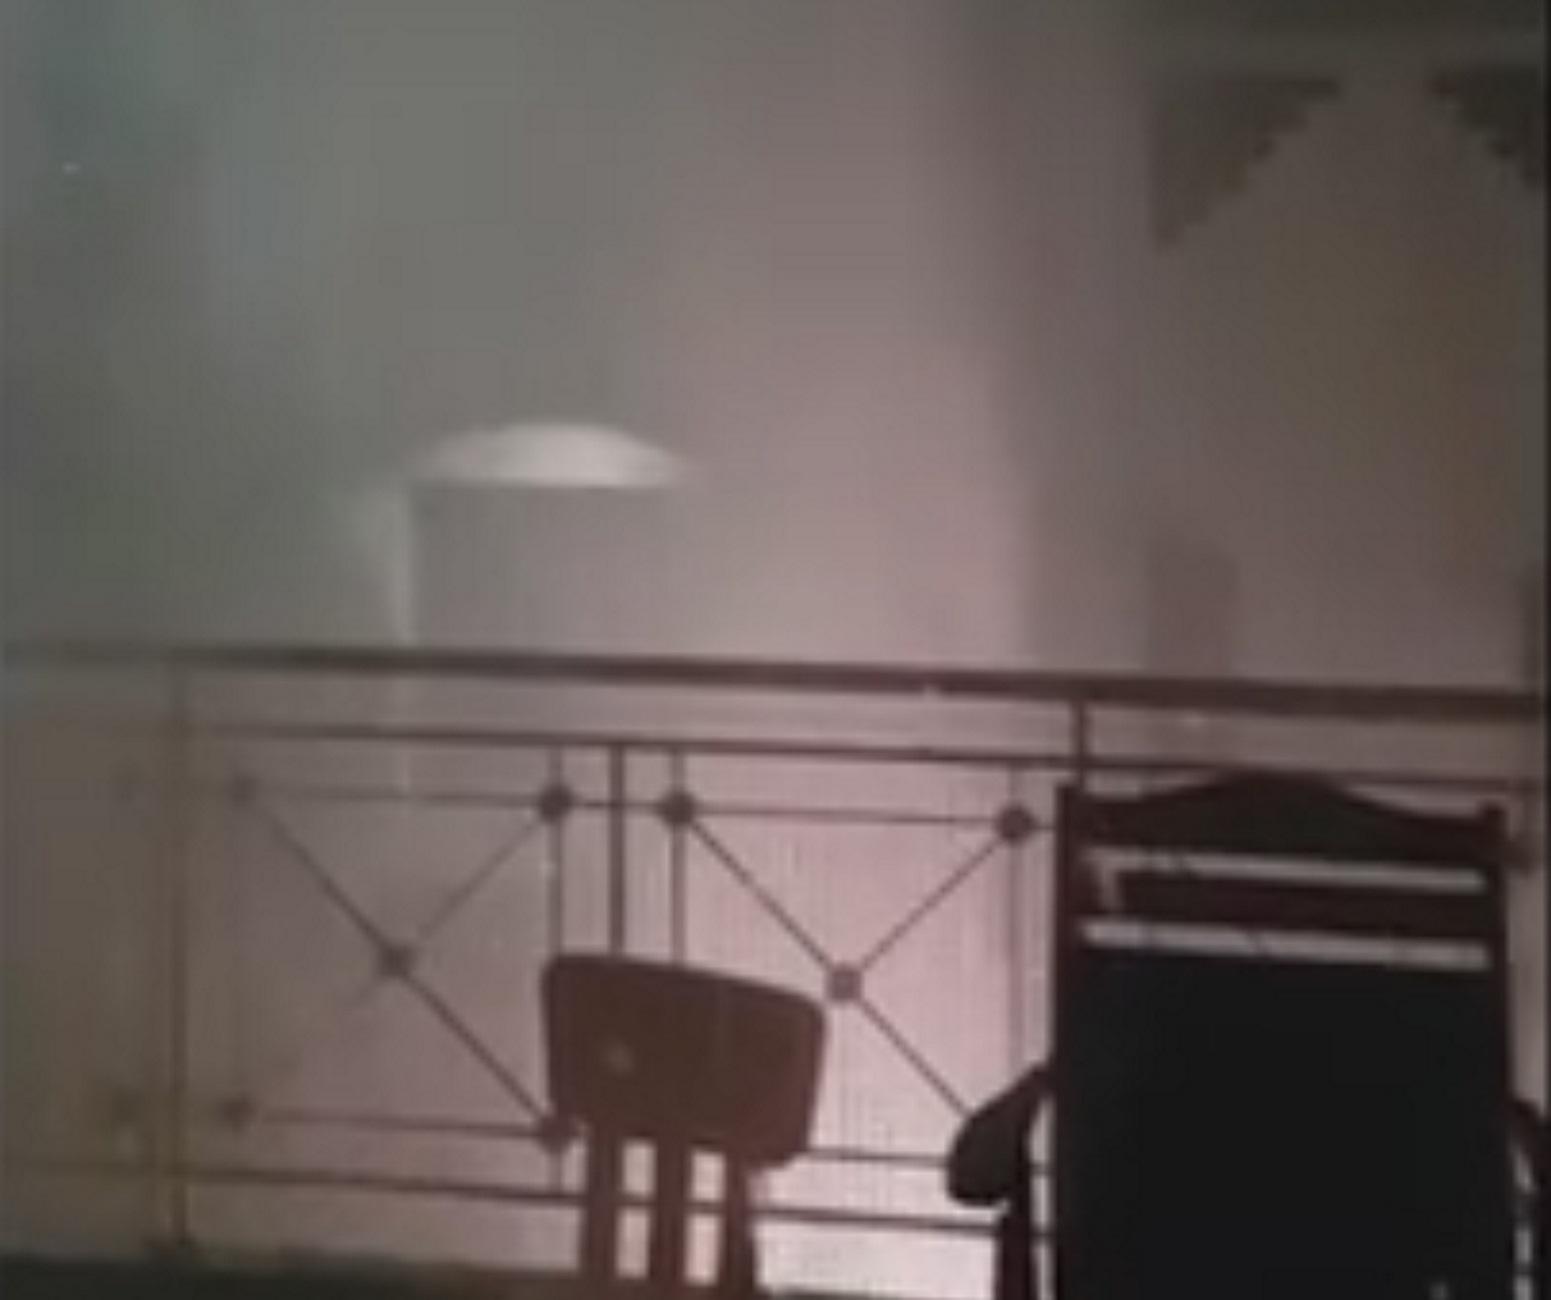 Πάτρα: Απίστευτες εικόνες σε σπίτι! Έσπασε αγωγός και πλημμύρισαν μέσα σε 15 λεπτά (Βίντεο)